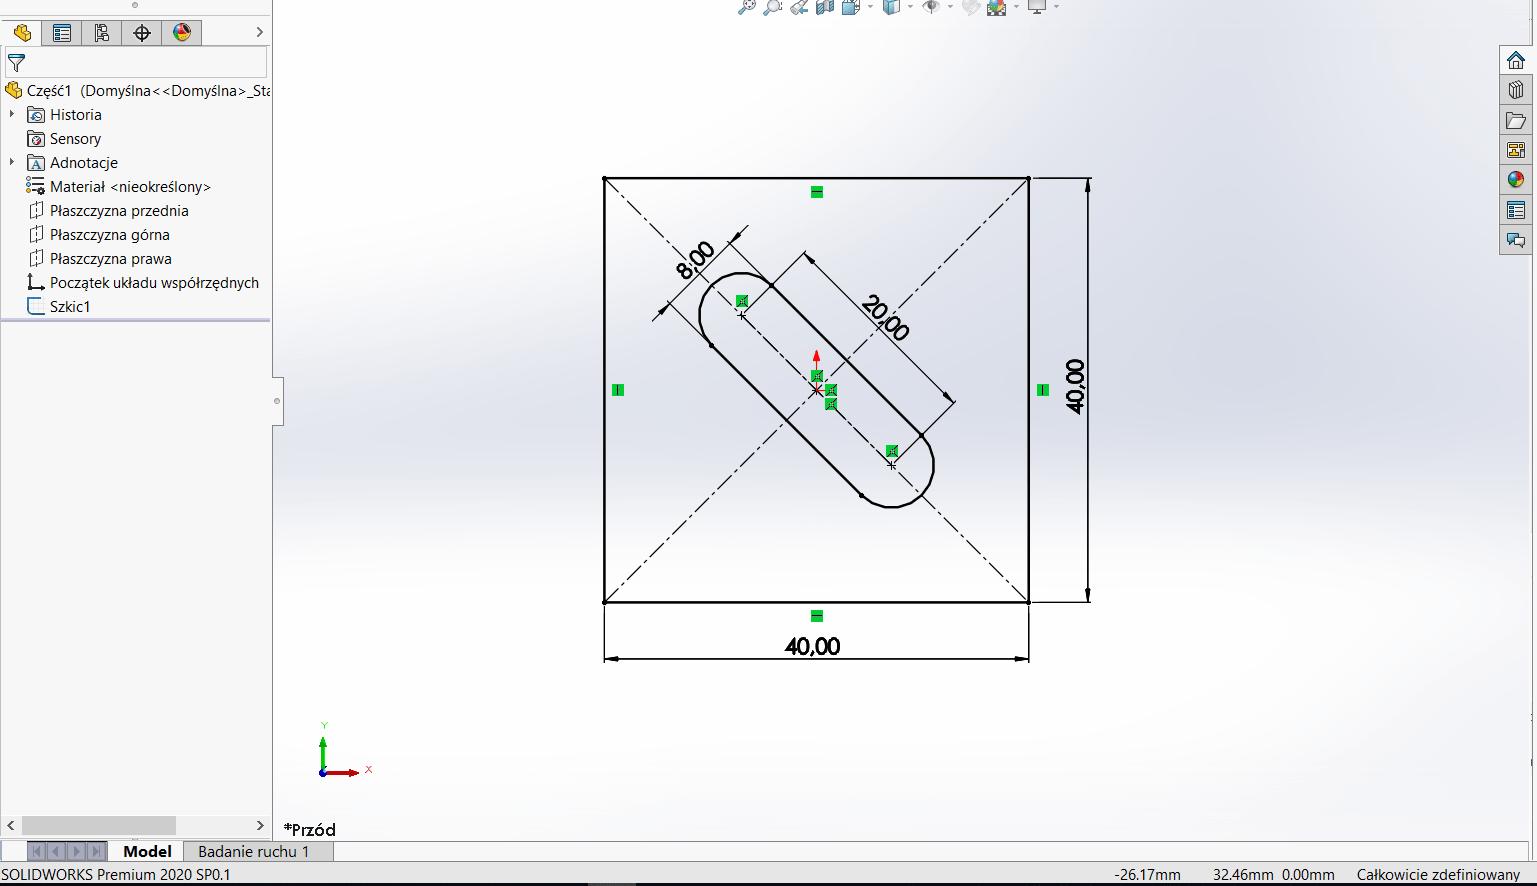 Tworzenie profilu konstrukcji spawanej w SOLIDWORKS - DPSTODAY - DPS Software